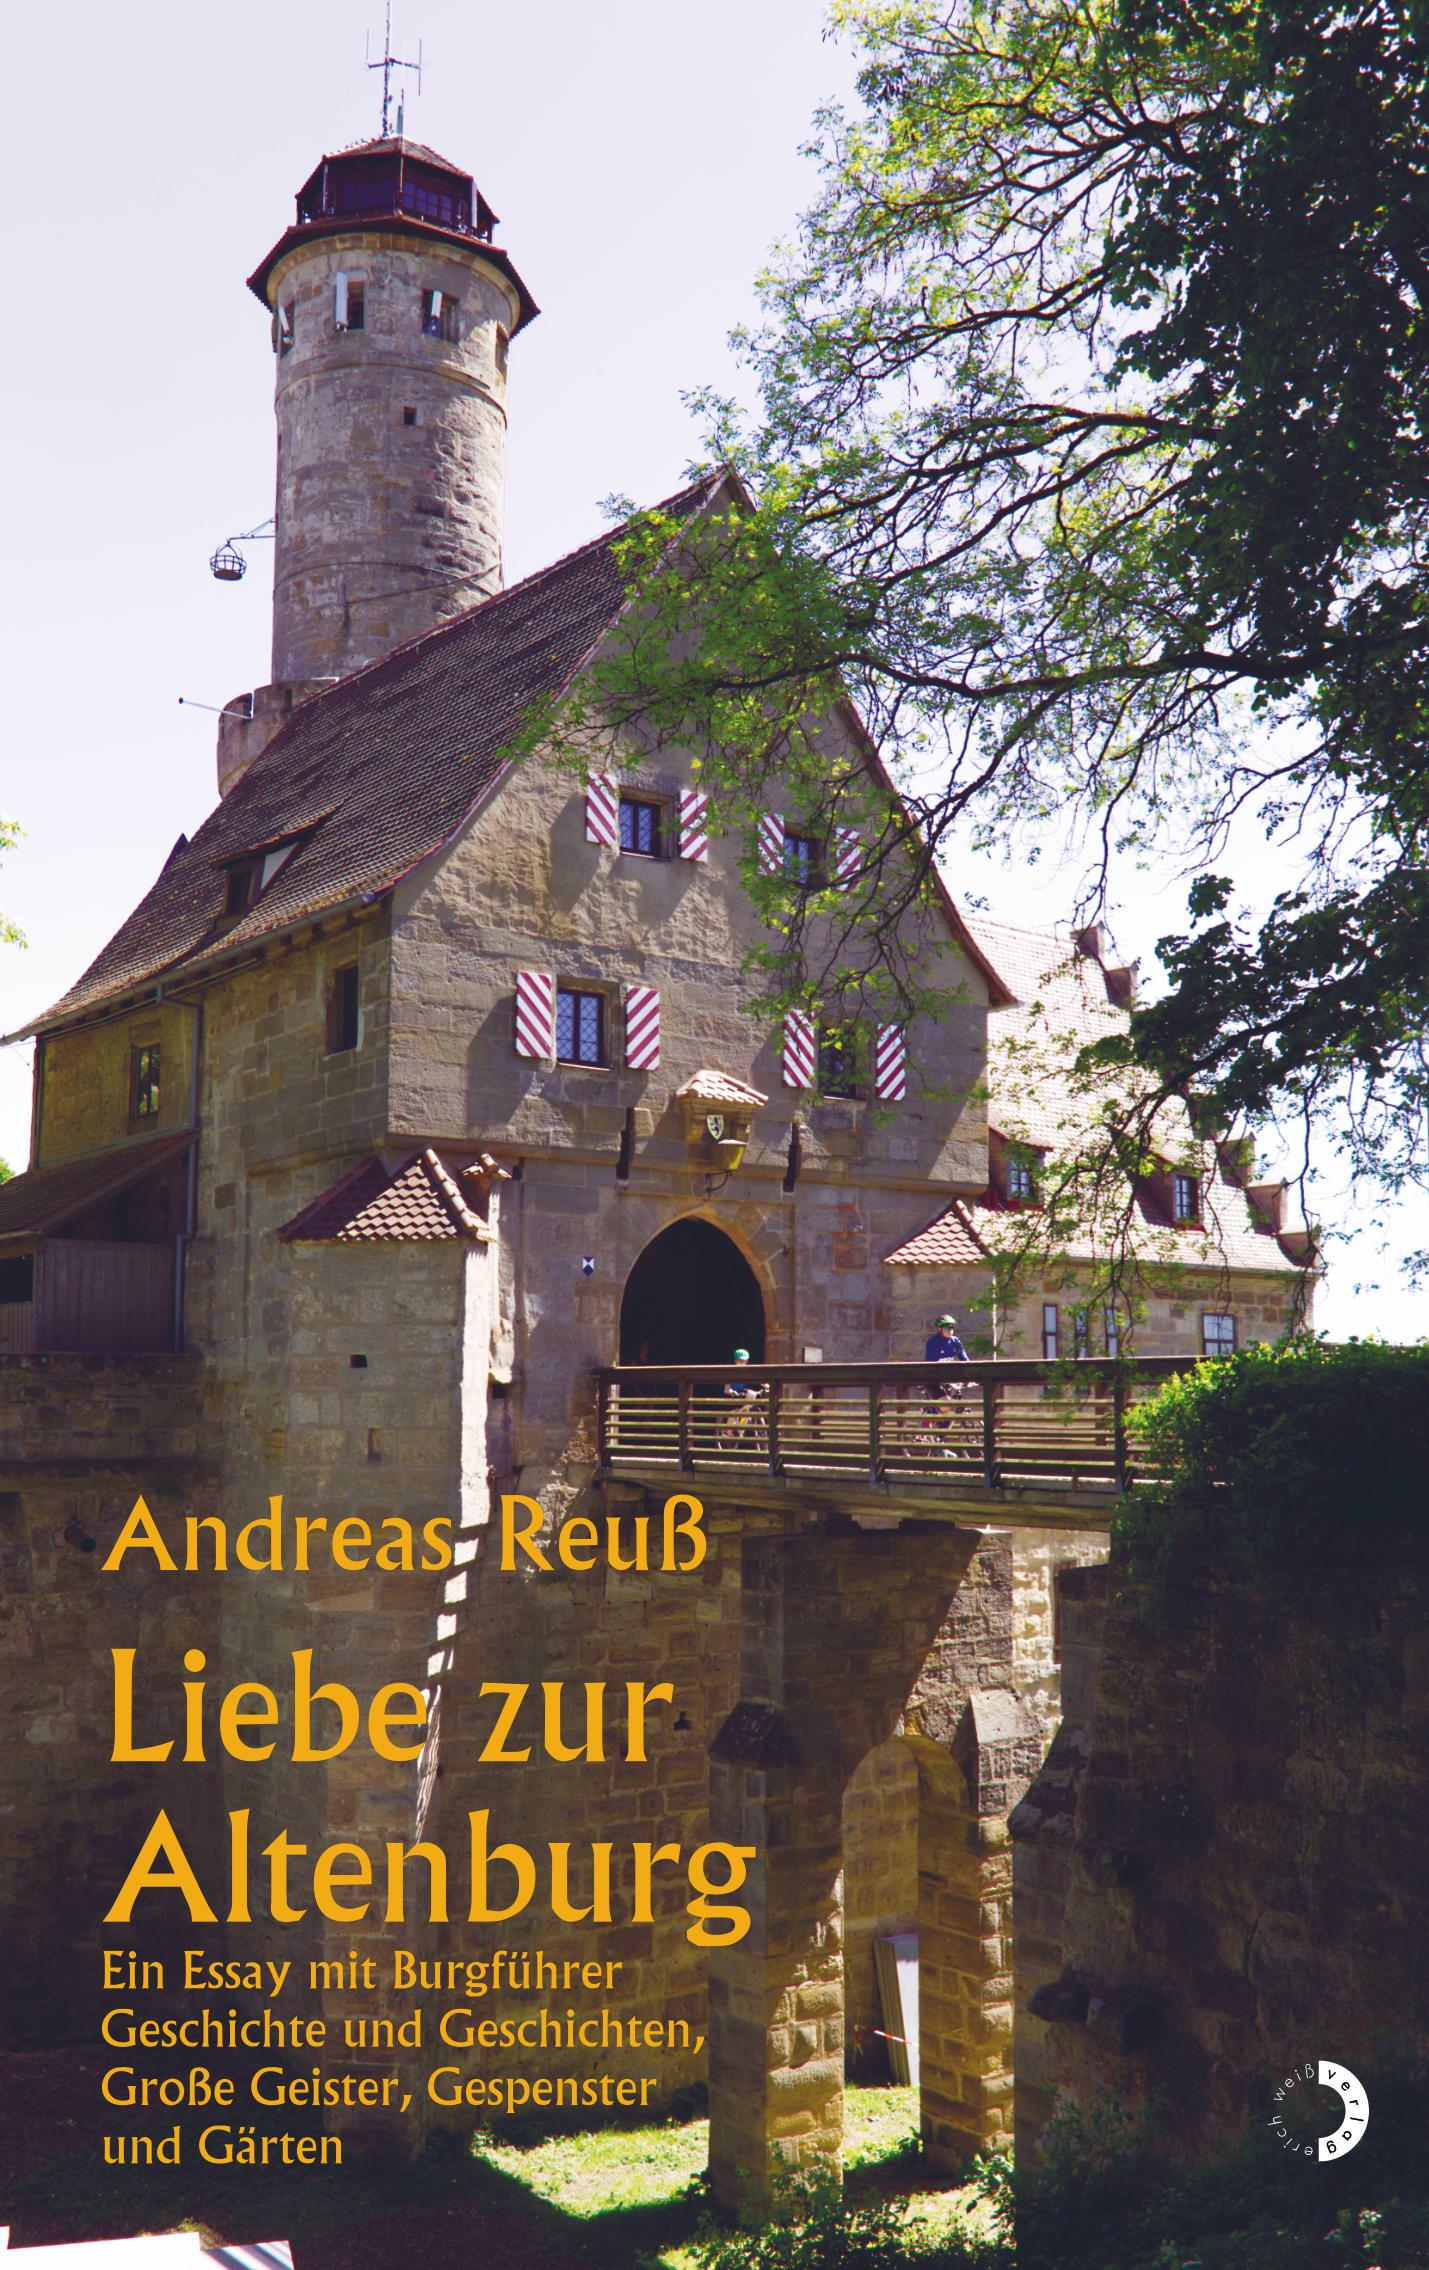 Reuß, Andreas - Liebe zur Altenburg